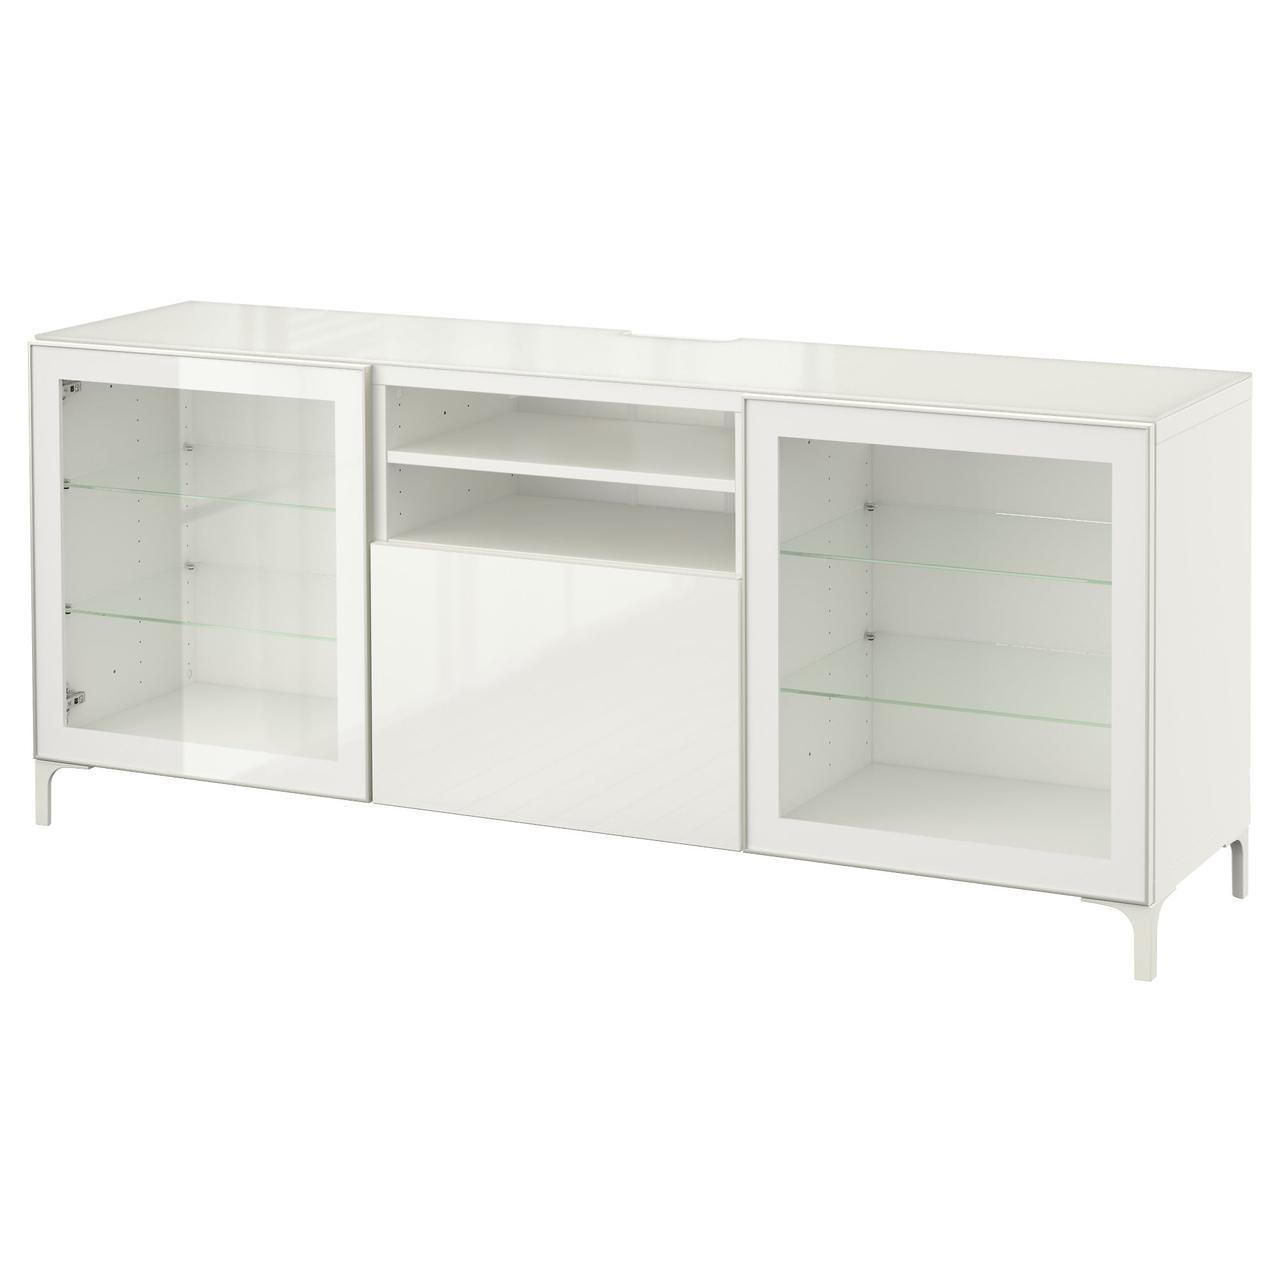 IKEA BESTA Тумба под телевизор, белый, Сельсвикен глянцевый/белый прозрачное стекло  (791.968.34)